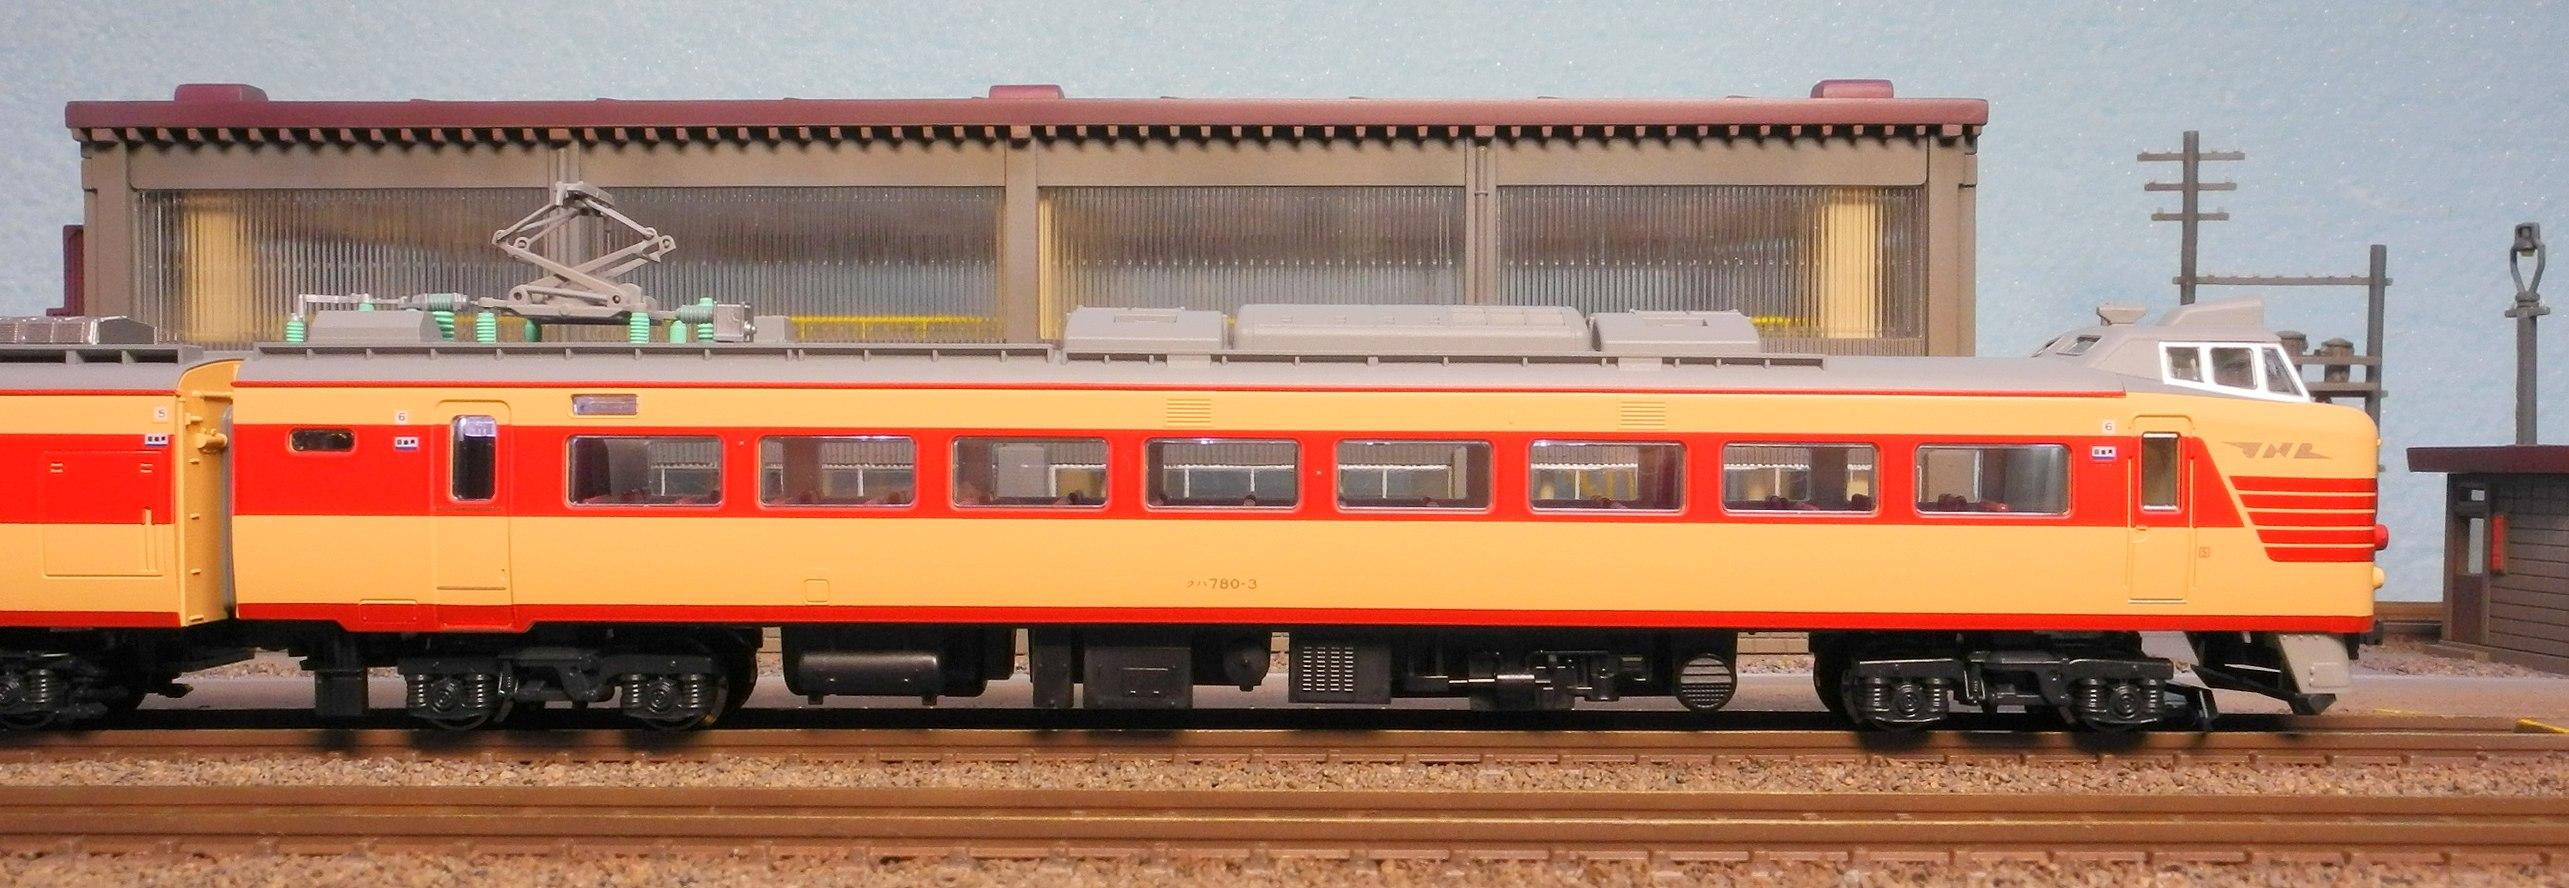 DSCN7899-1.jpg